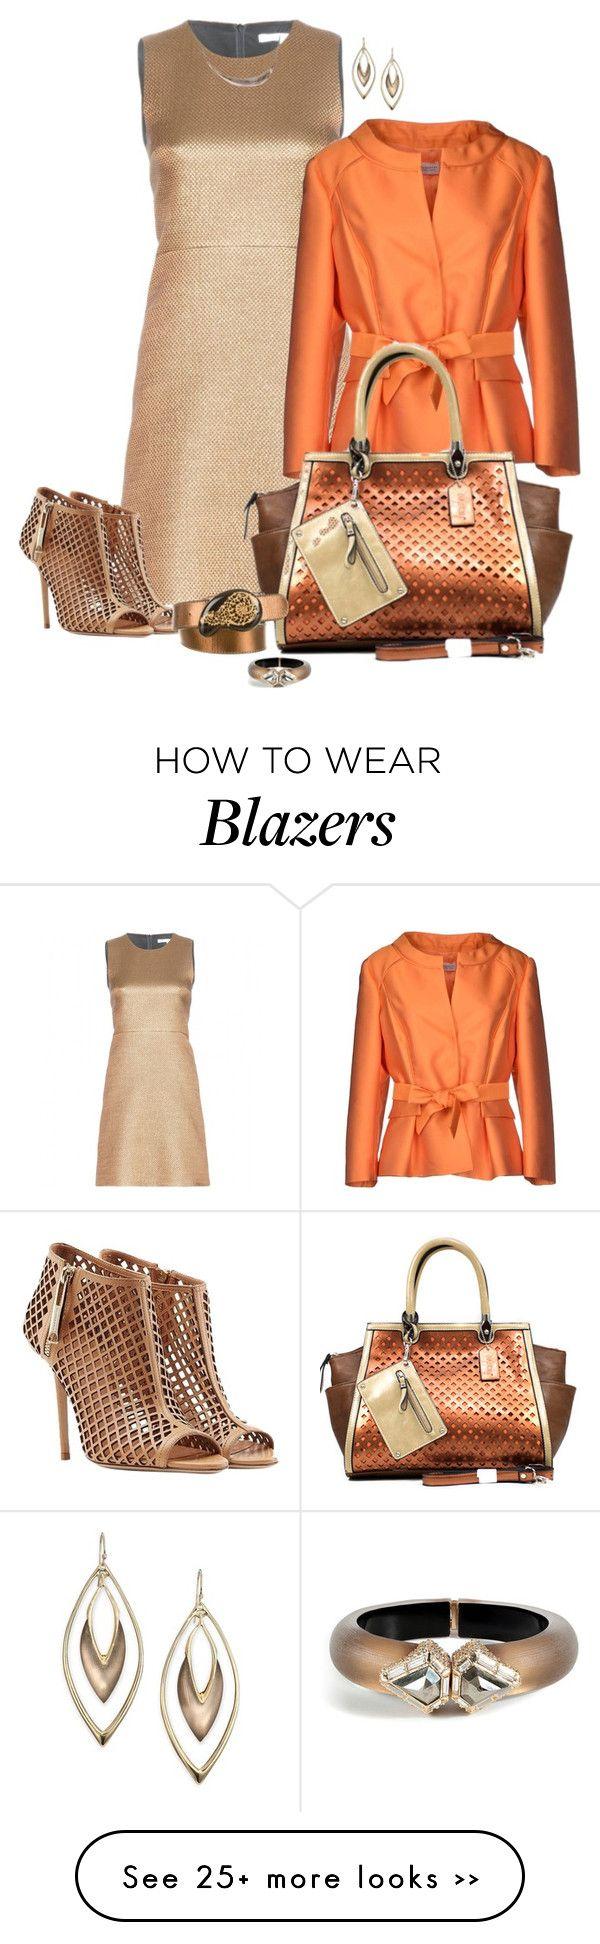 (33CO; bronzy gold silk dress, orange silk blazer, orange a/ gold purse, light brown boot heels)